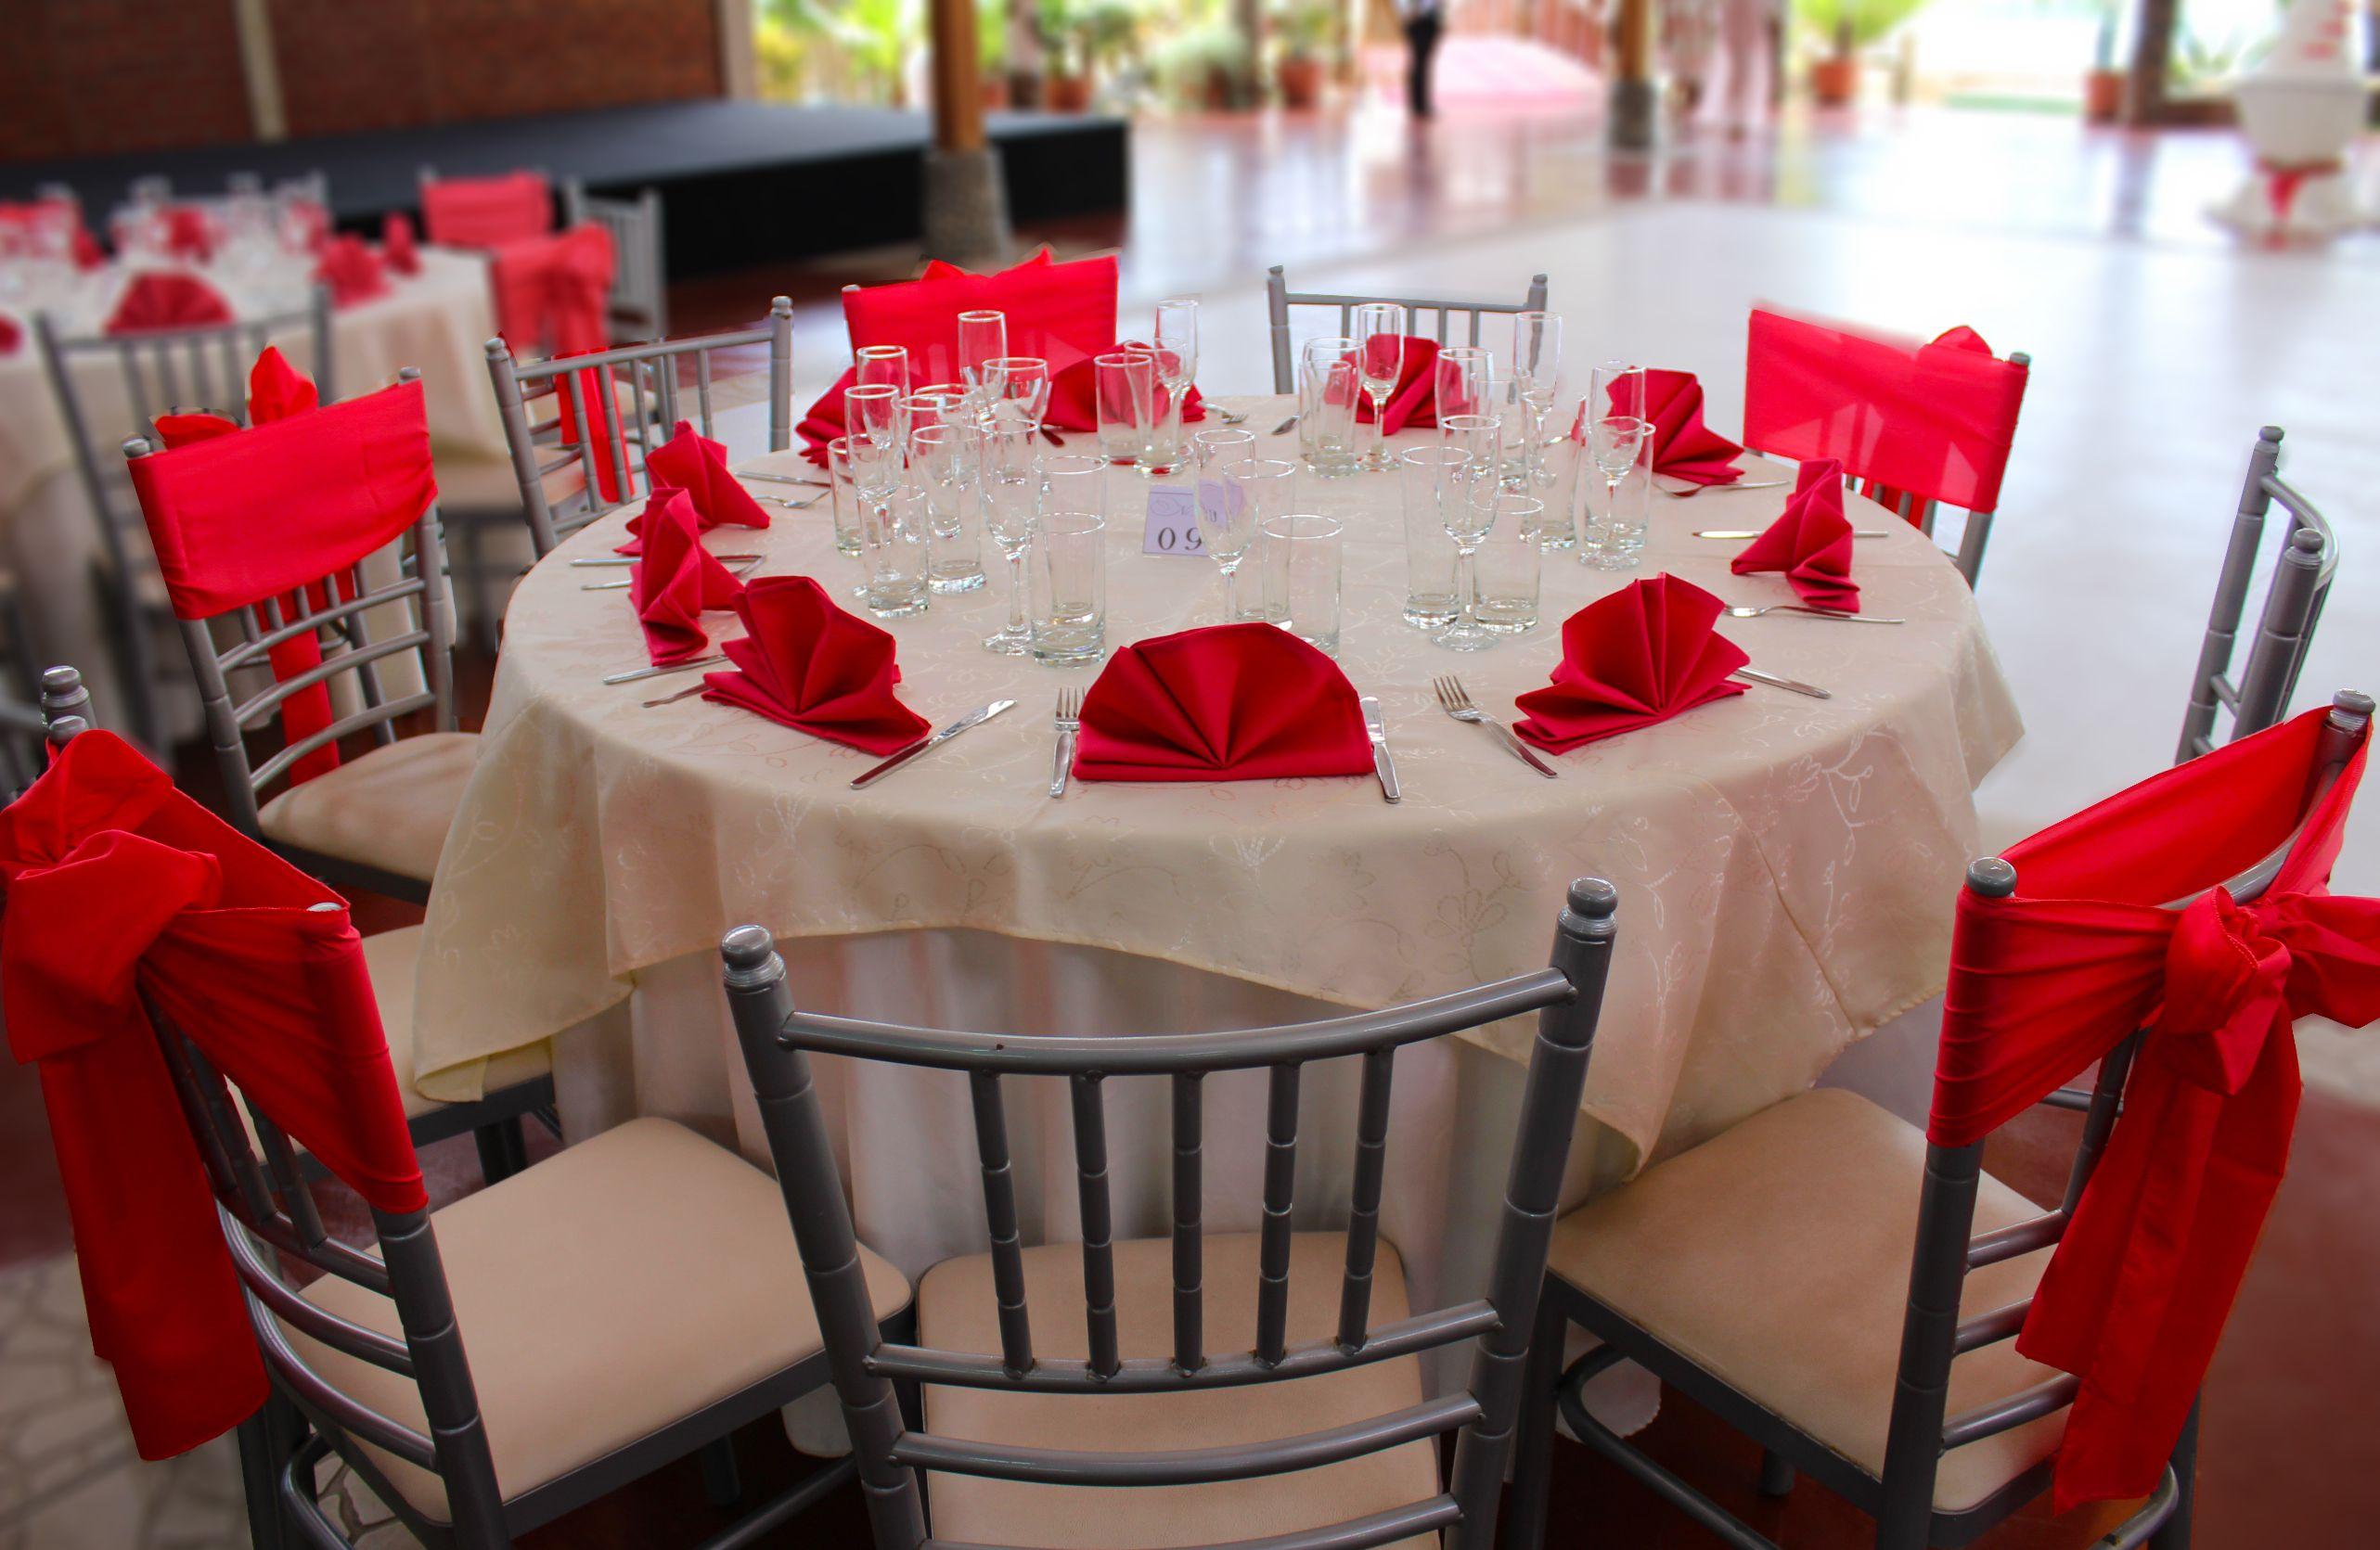 Mesa redonda vestida decorada en tonos perla y rojo acompa adas de sillas estilo tiffany boda - Mesas decoradas para bodas ...